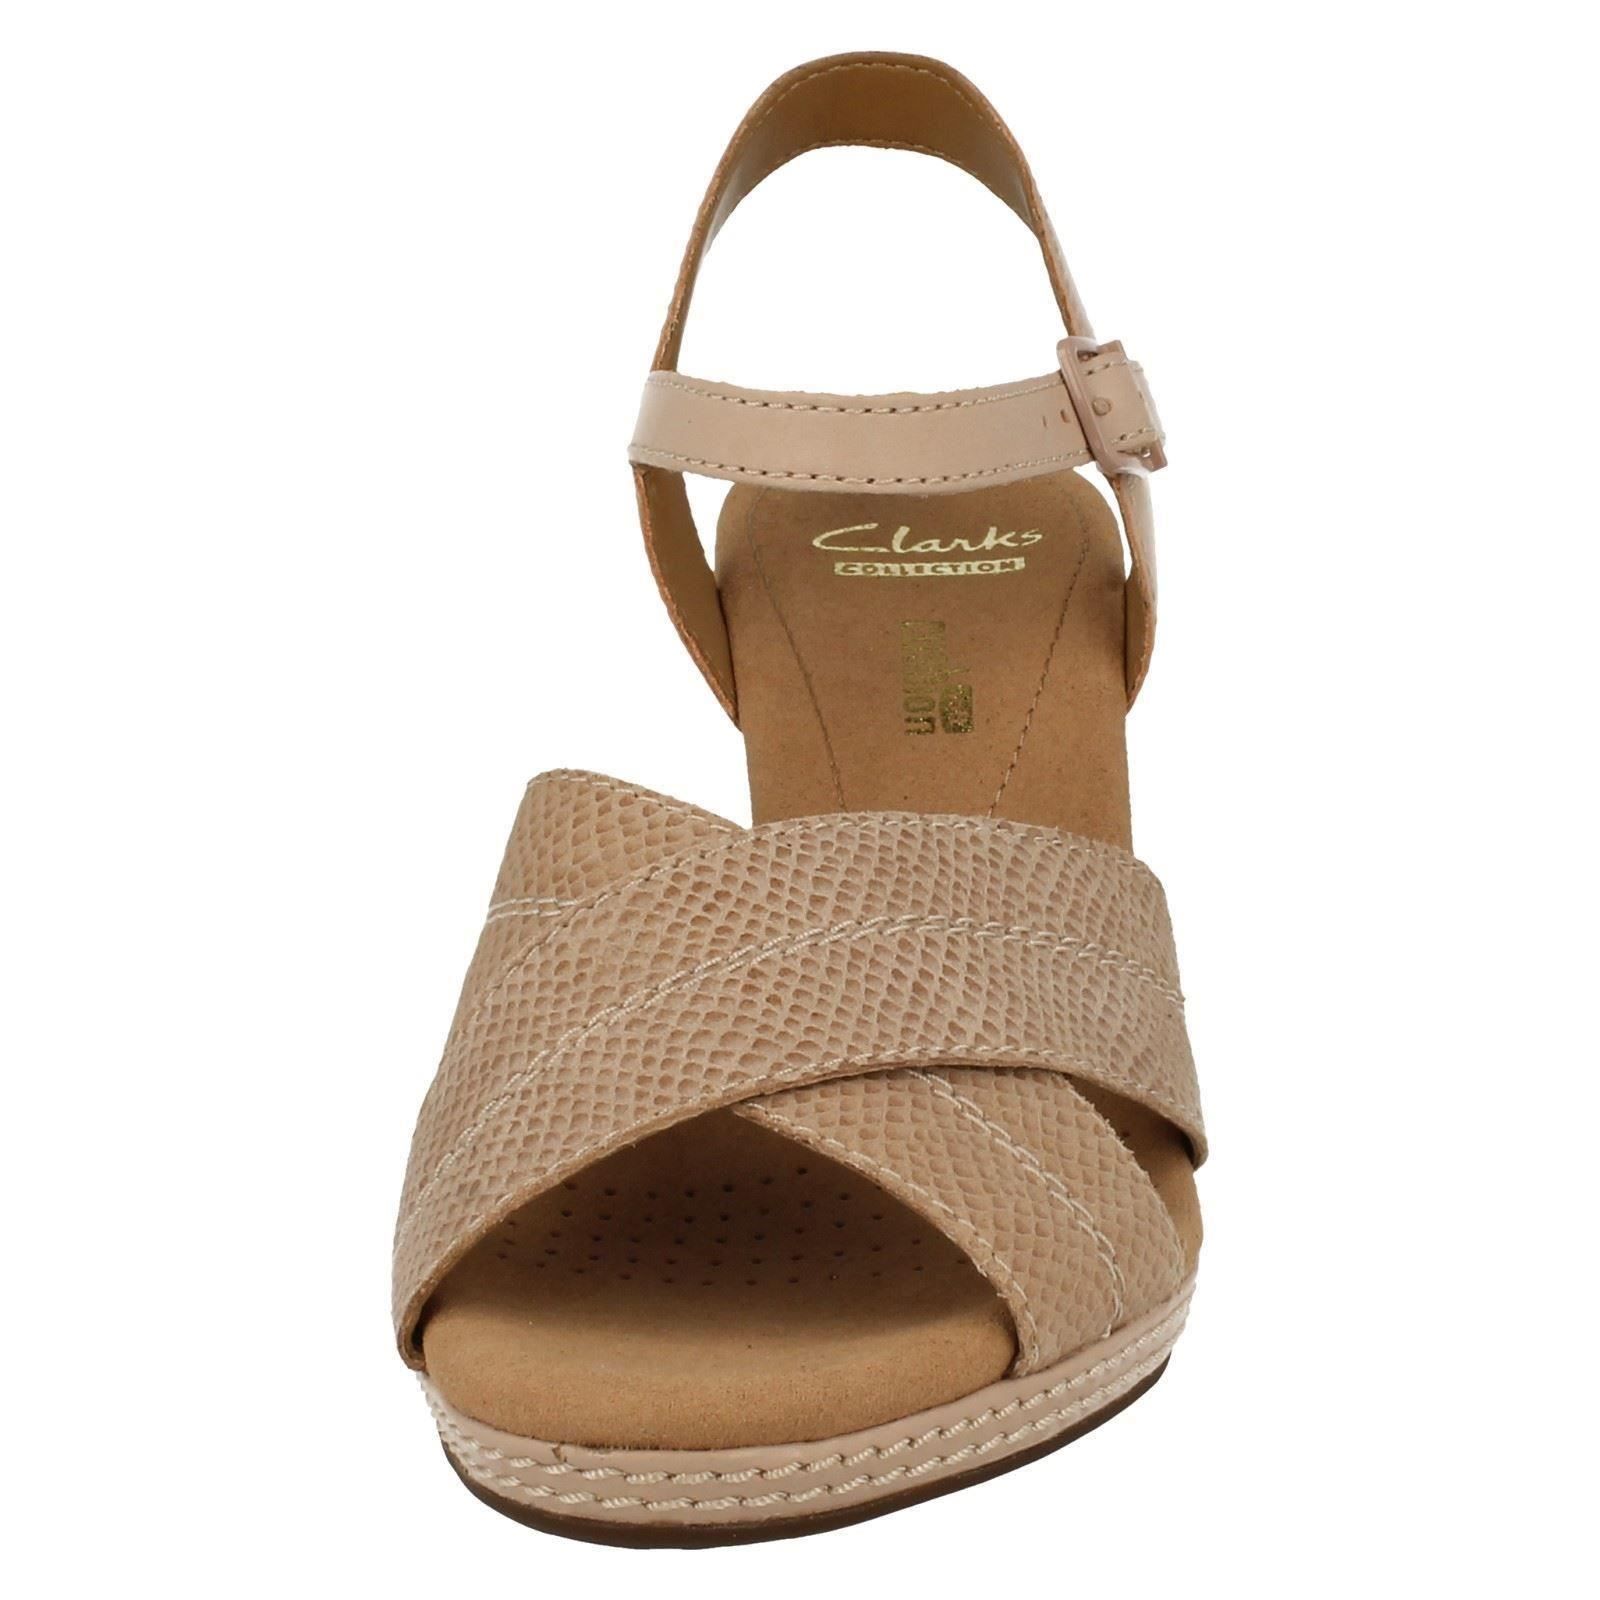 Ladies Clarks Open Toe Wedge Sandals Helio Helio Helio Latitude 1fef9b